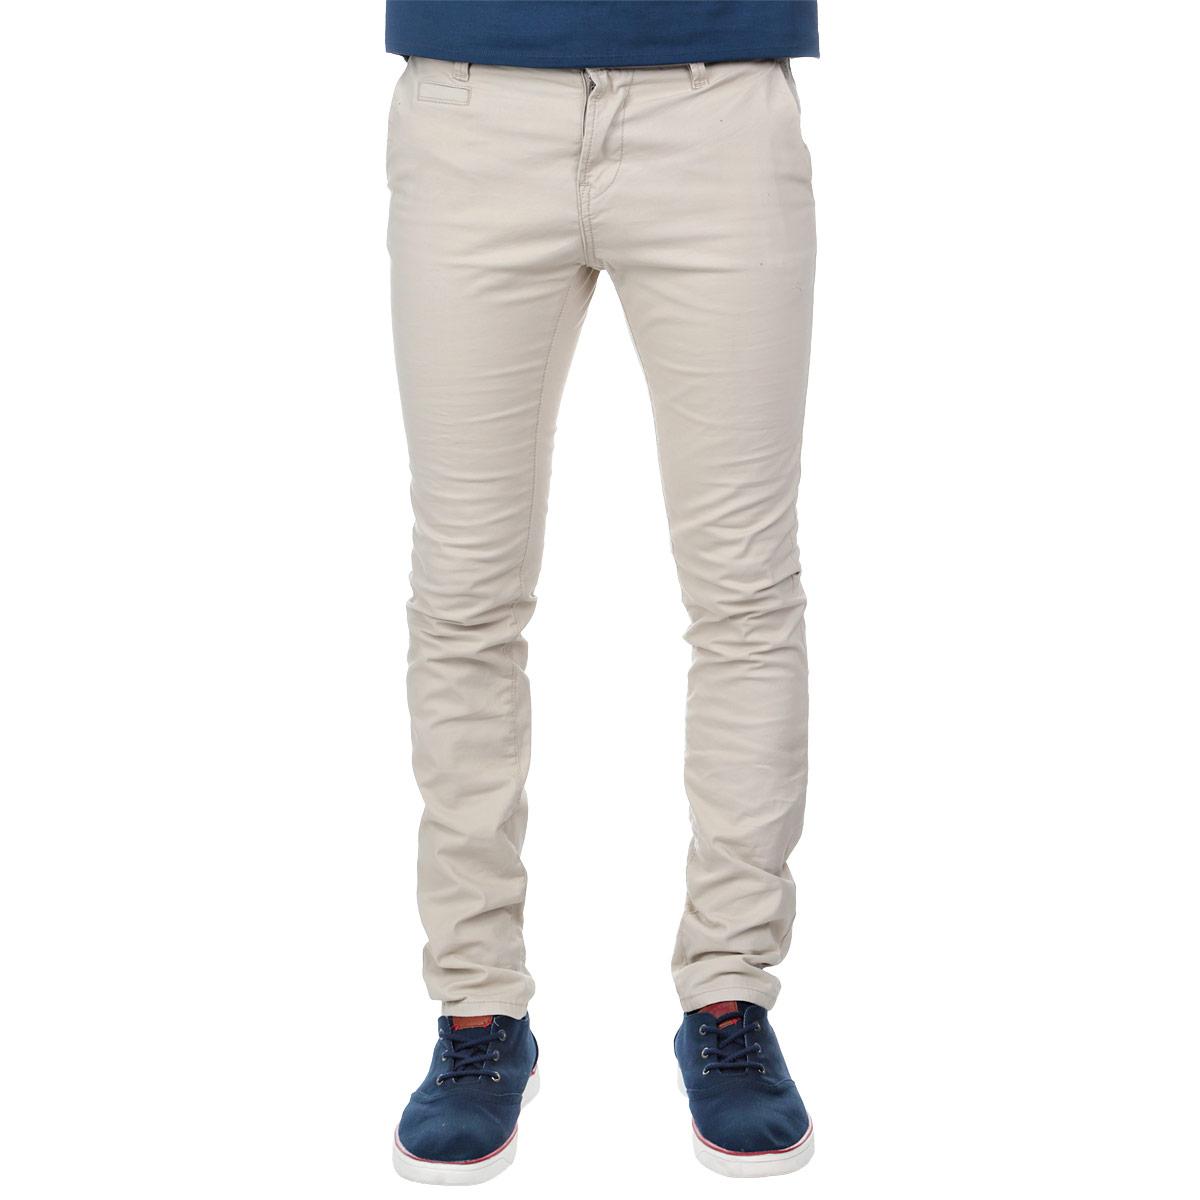 Брюки мужские. 6402997.00.126402997.00.12Стильные мужские брюки Tom Tailor зауженного к низу кроя и средней посадки изготовлены из эластичного хлопка и не сковывают движения. Брюки на талии застегиваются на пластиковую пуговицу, также имеются ширинка на застежке-молнии и шлевки для ремня. Спереди модель оформлена двумя втачными карманами со скошенными краями и одним небольшим прорезным кармашком, а сзади - двумя прорезными карманами на пуговицах. Эти модные и в тоже время комфортные брюки послужат отличным дополнением к вашему гардеробу. В них вы всегда будете чувствовать себя уютно и комфортно.